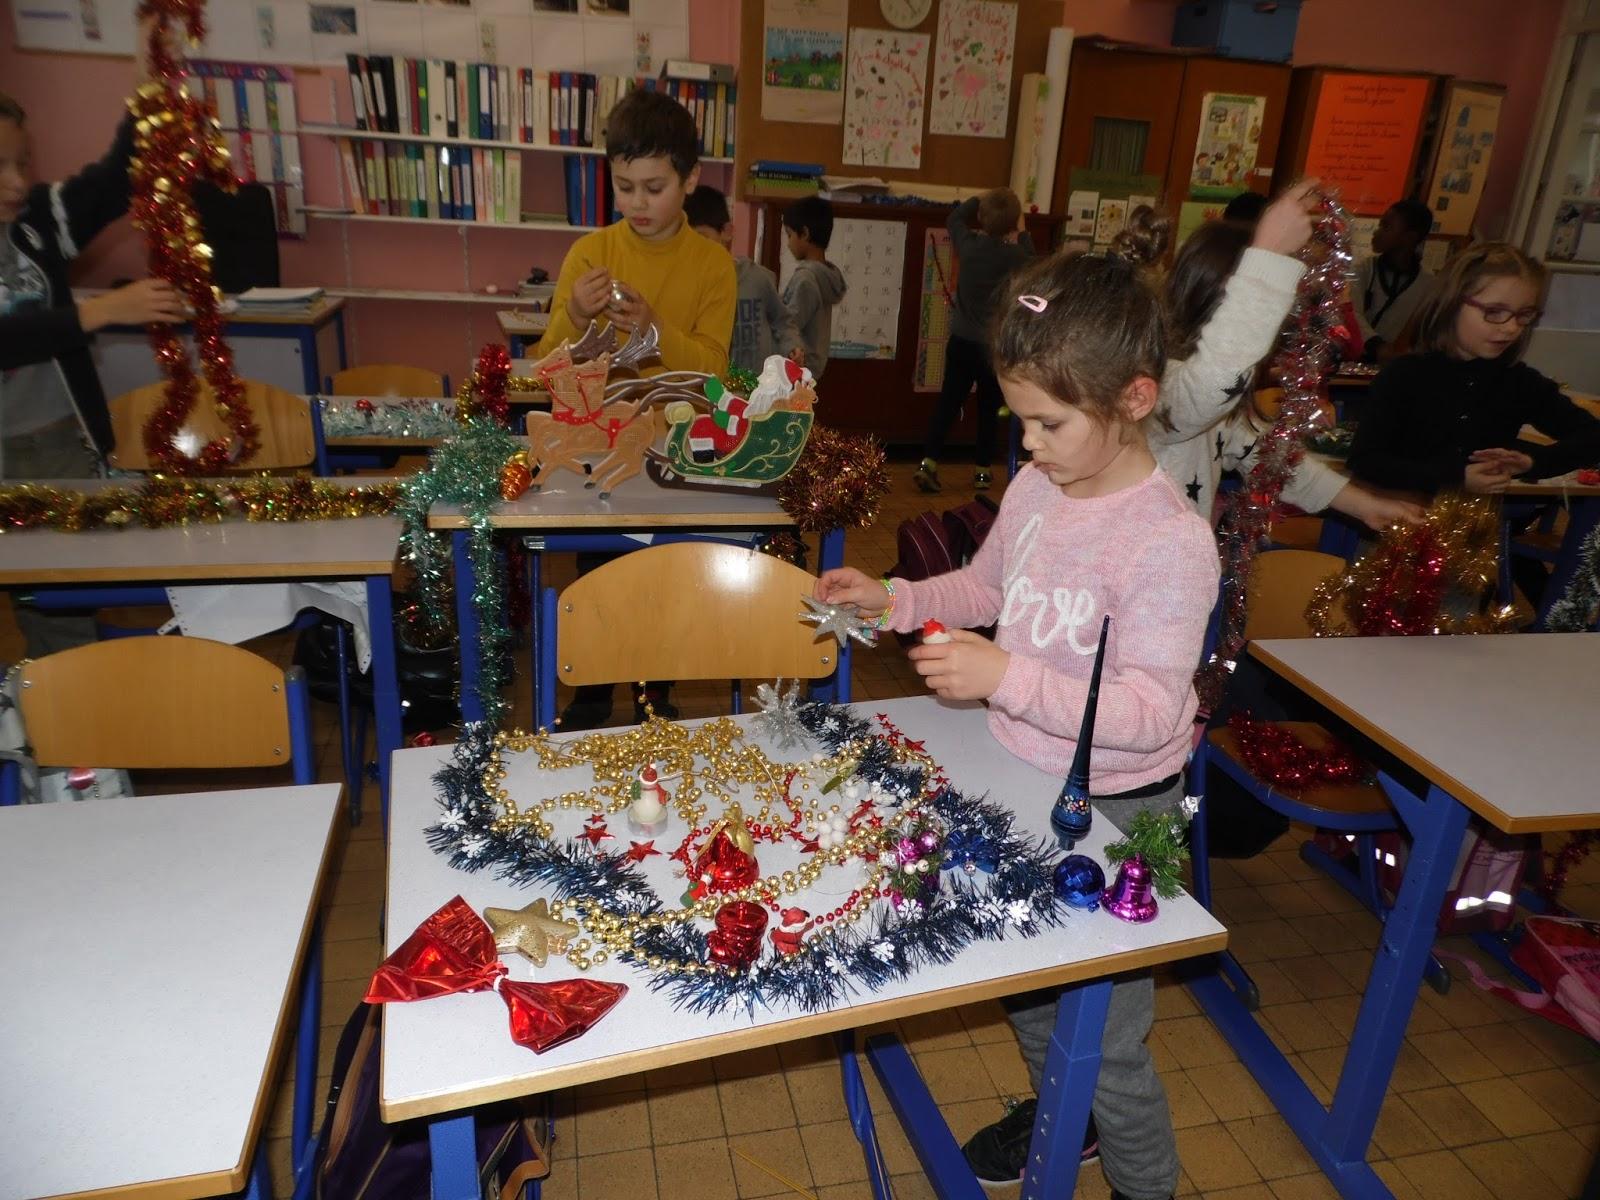 #233067 Classe CE1 CE2 De M.Chevrier: Décoration De Noël 5359 décorations de noel ce1 1600x1200 px @ aertt.com